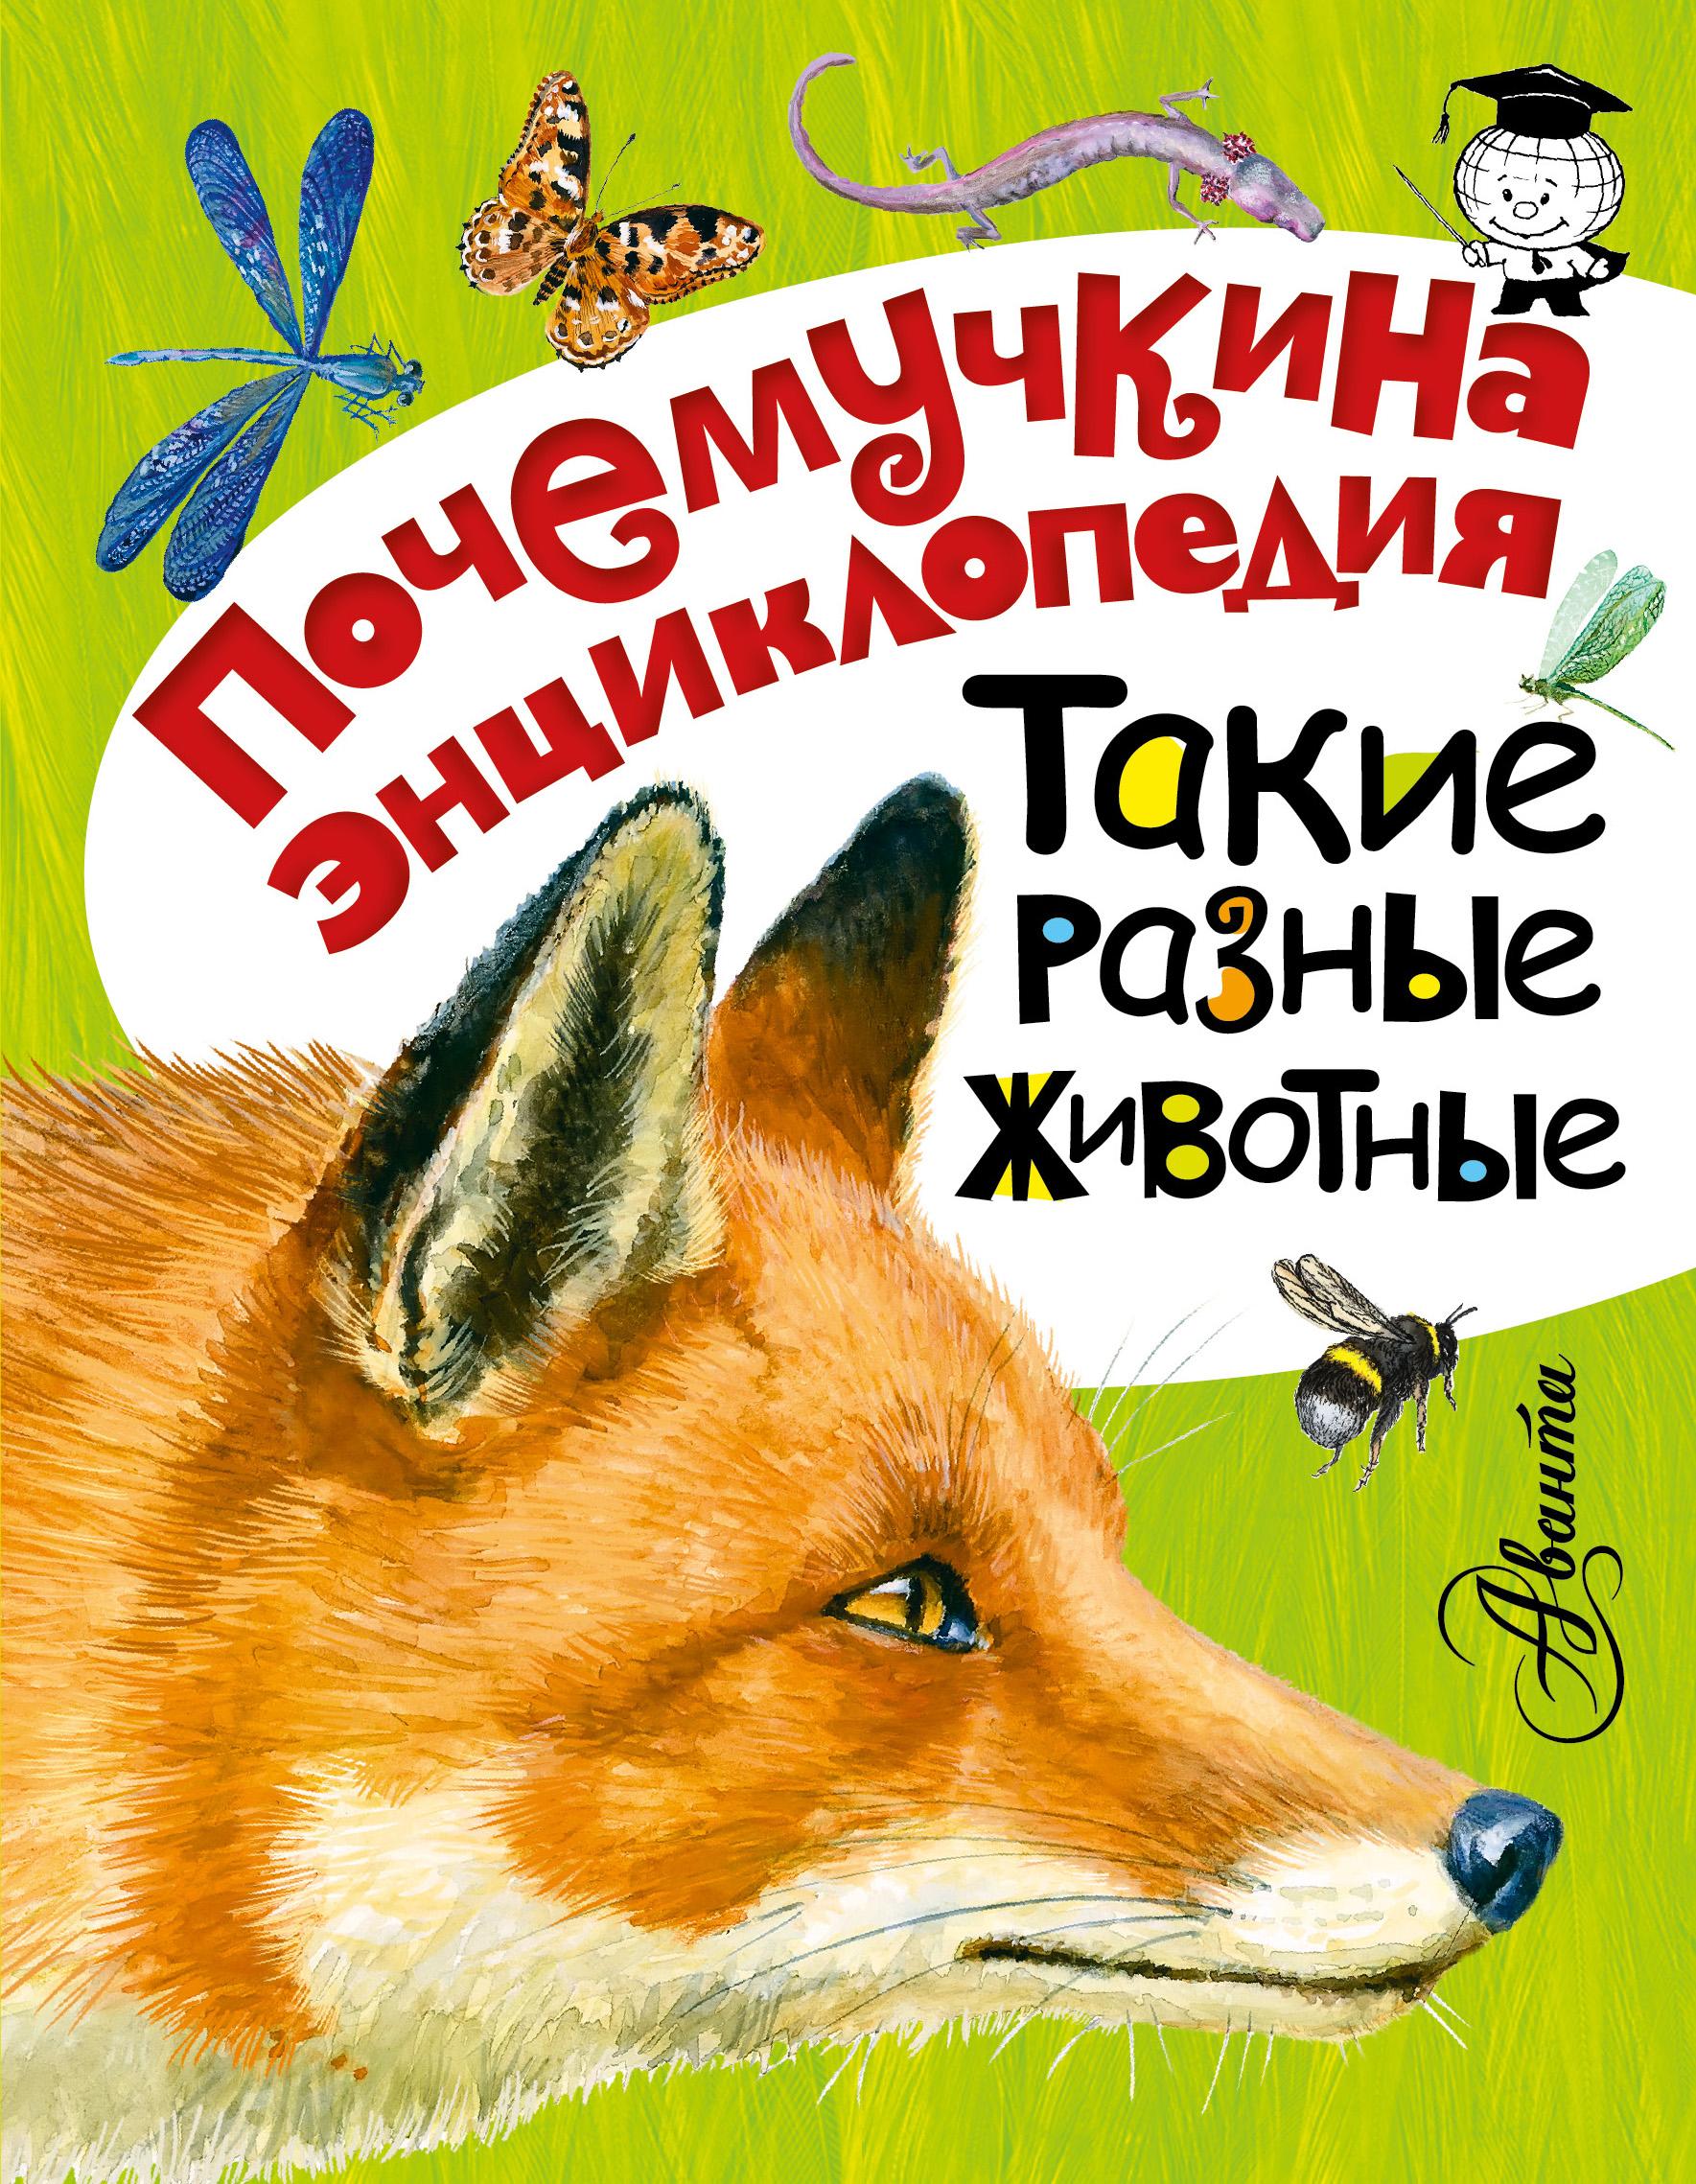 Игорь Акимушкин Такие разные животные bruno sohnle часы bruno sohnle 17 13158 741 коллекция devi